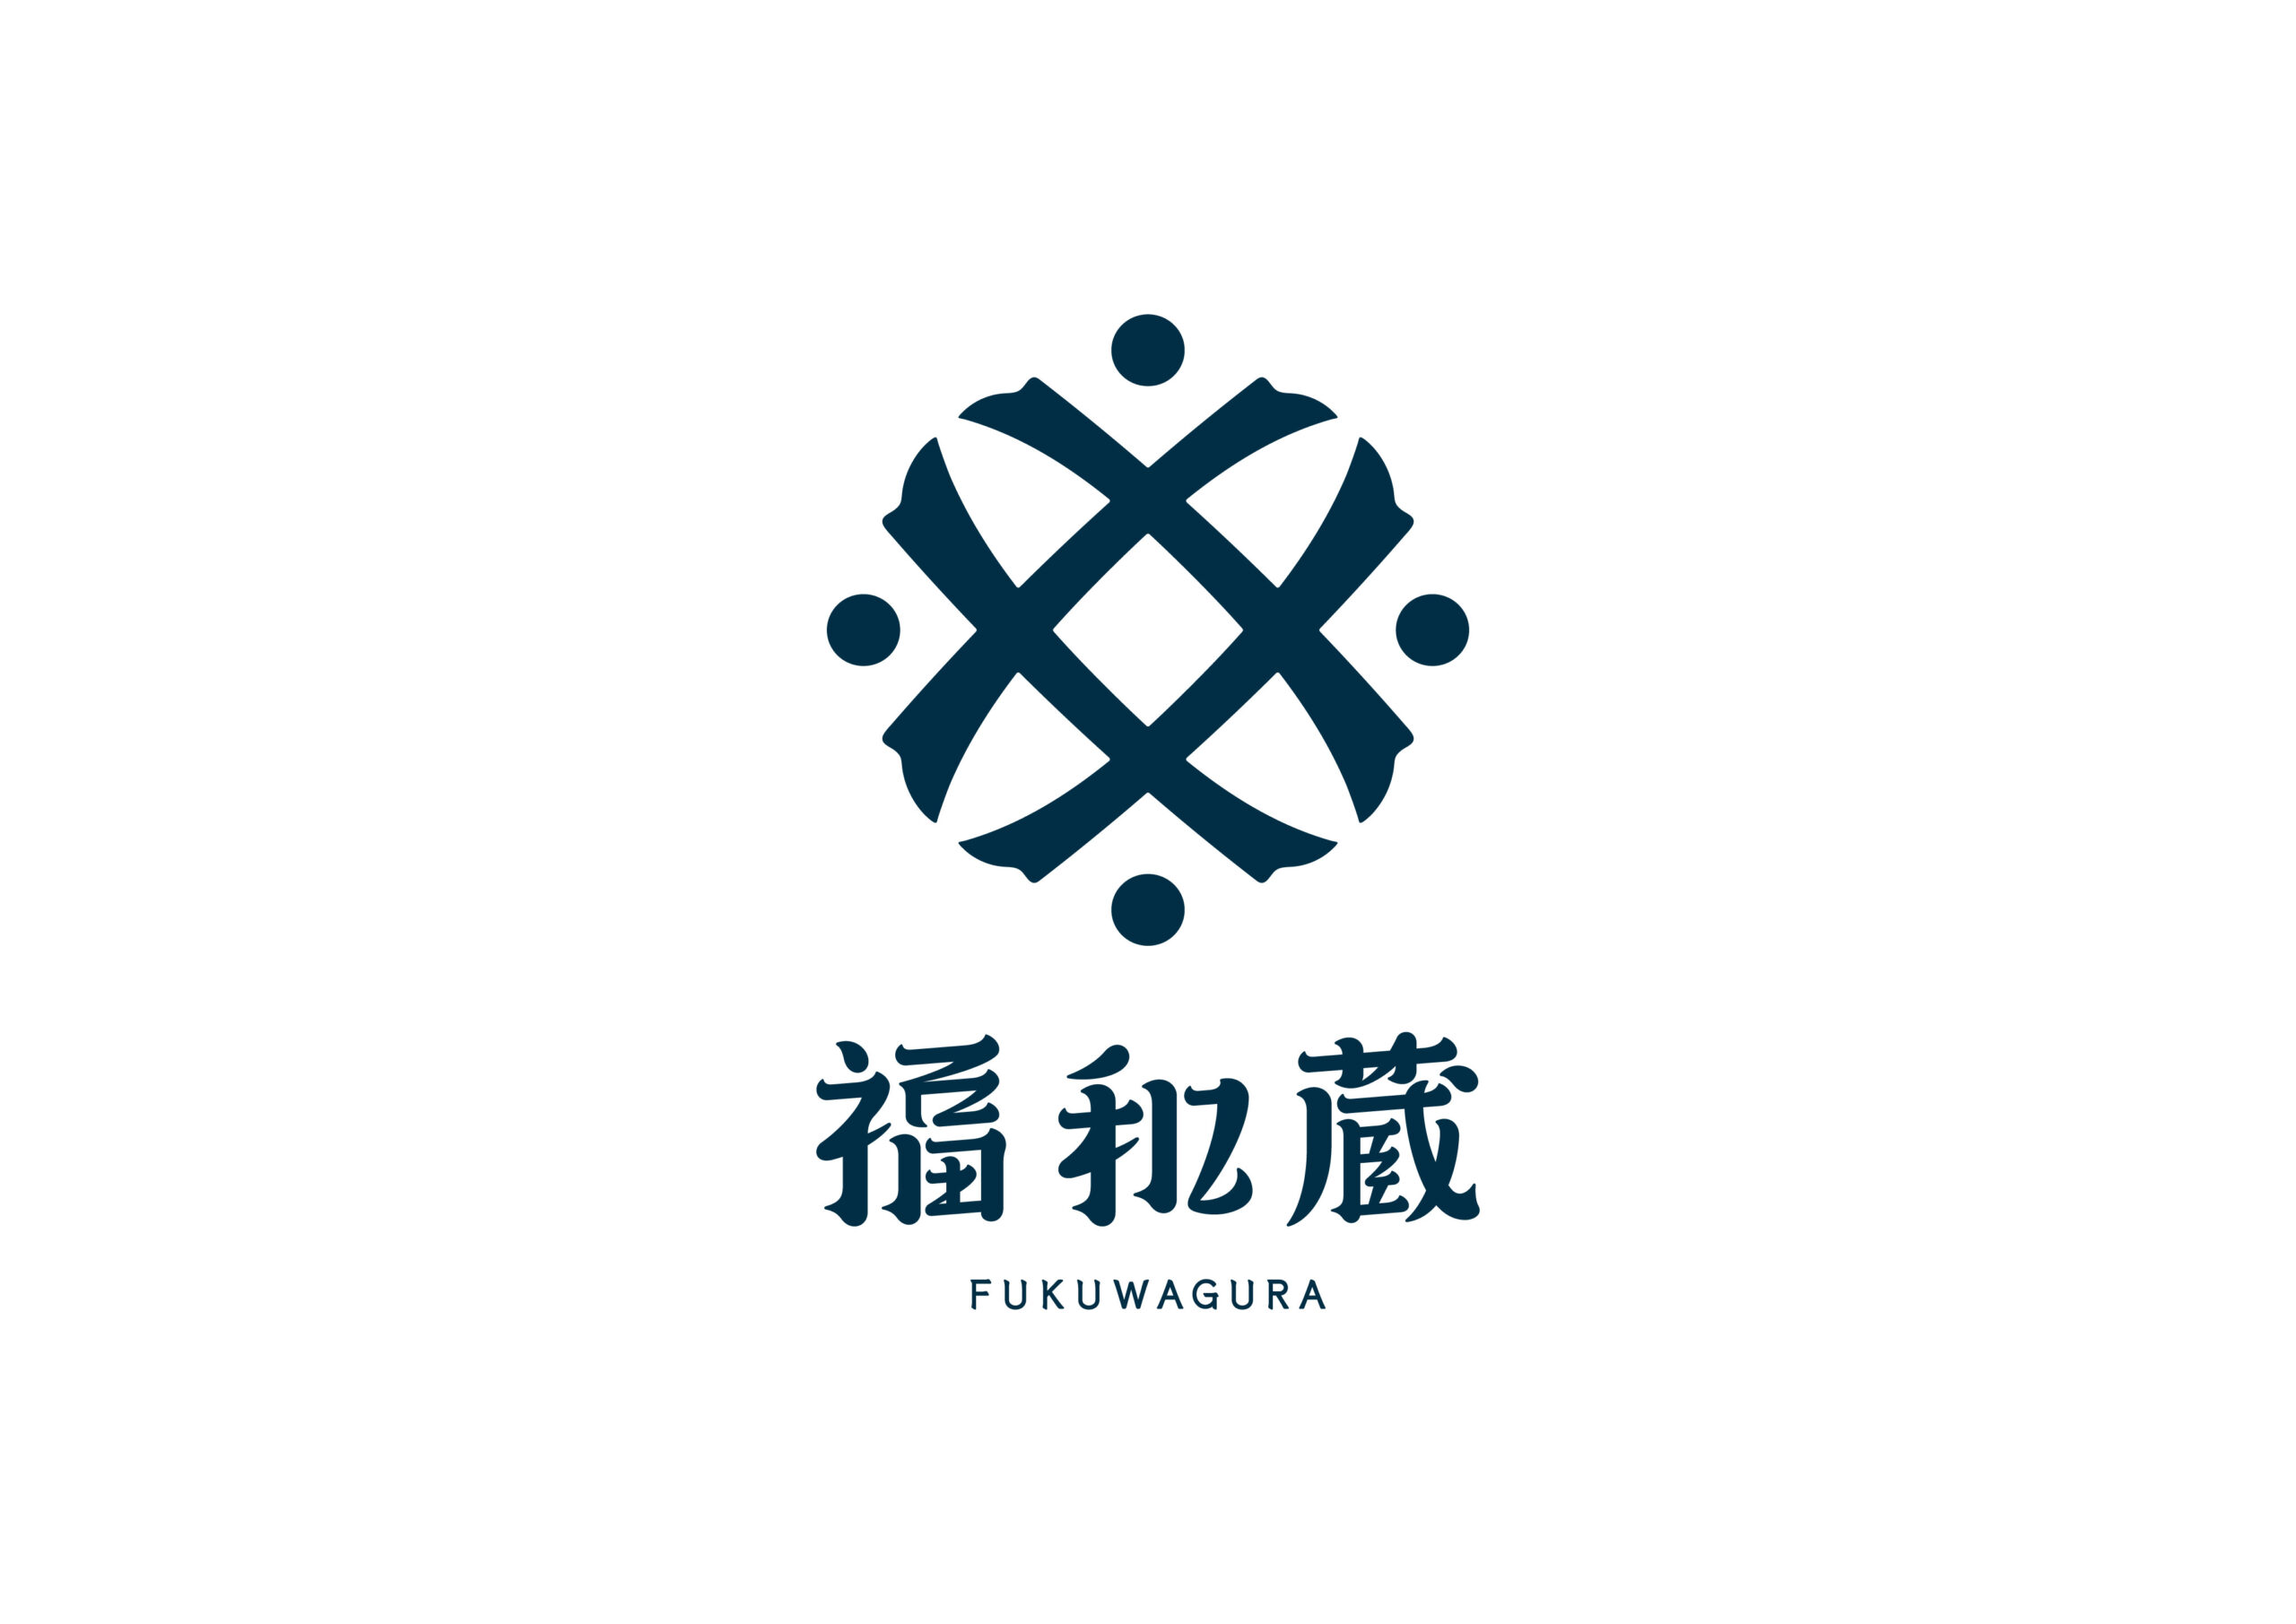 井村屋が造る清酒「福和蔵」をご購入いただける 「福和蔵(ふくわぐら)」ブランドサイト開設のご案内